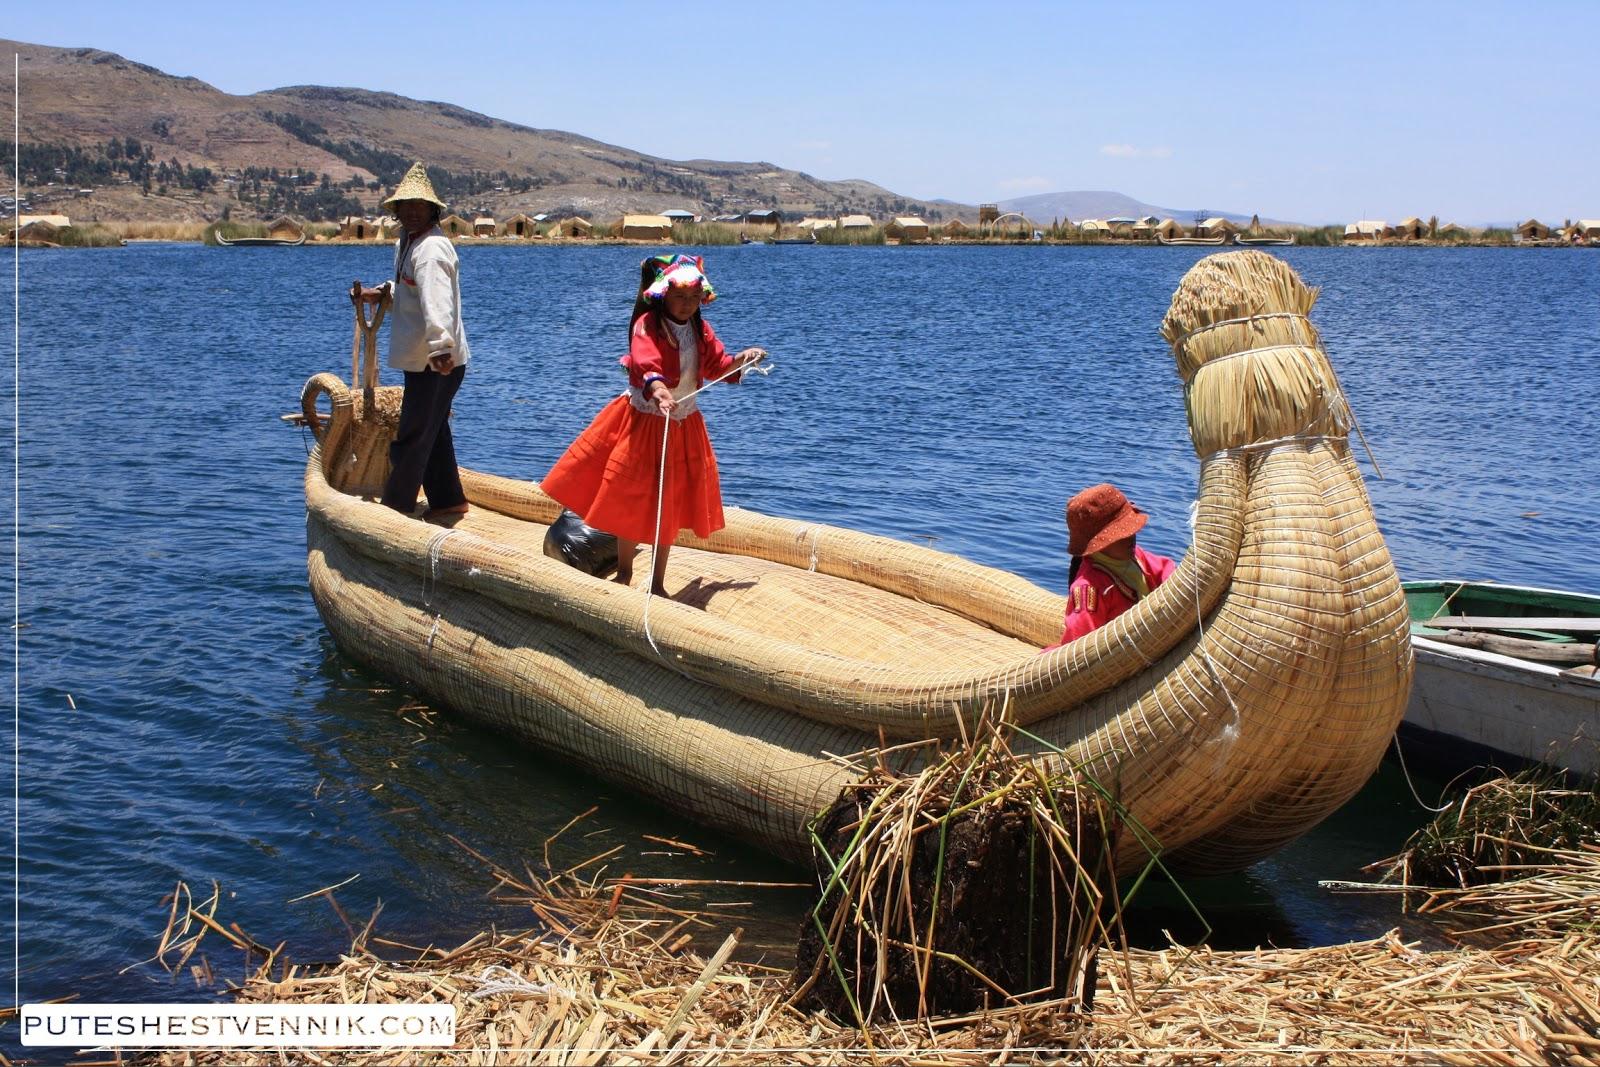 Перуанцы в тростниковой лодке на озере Титикака